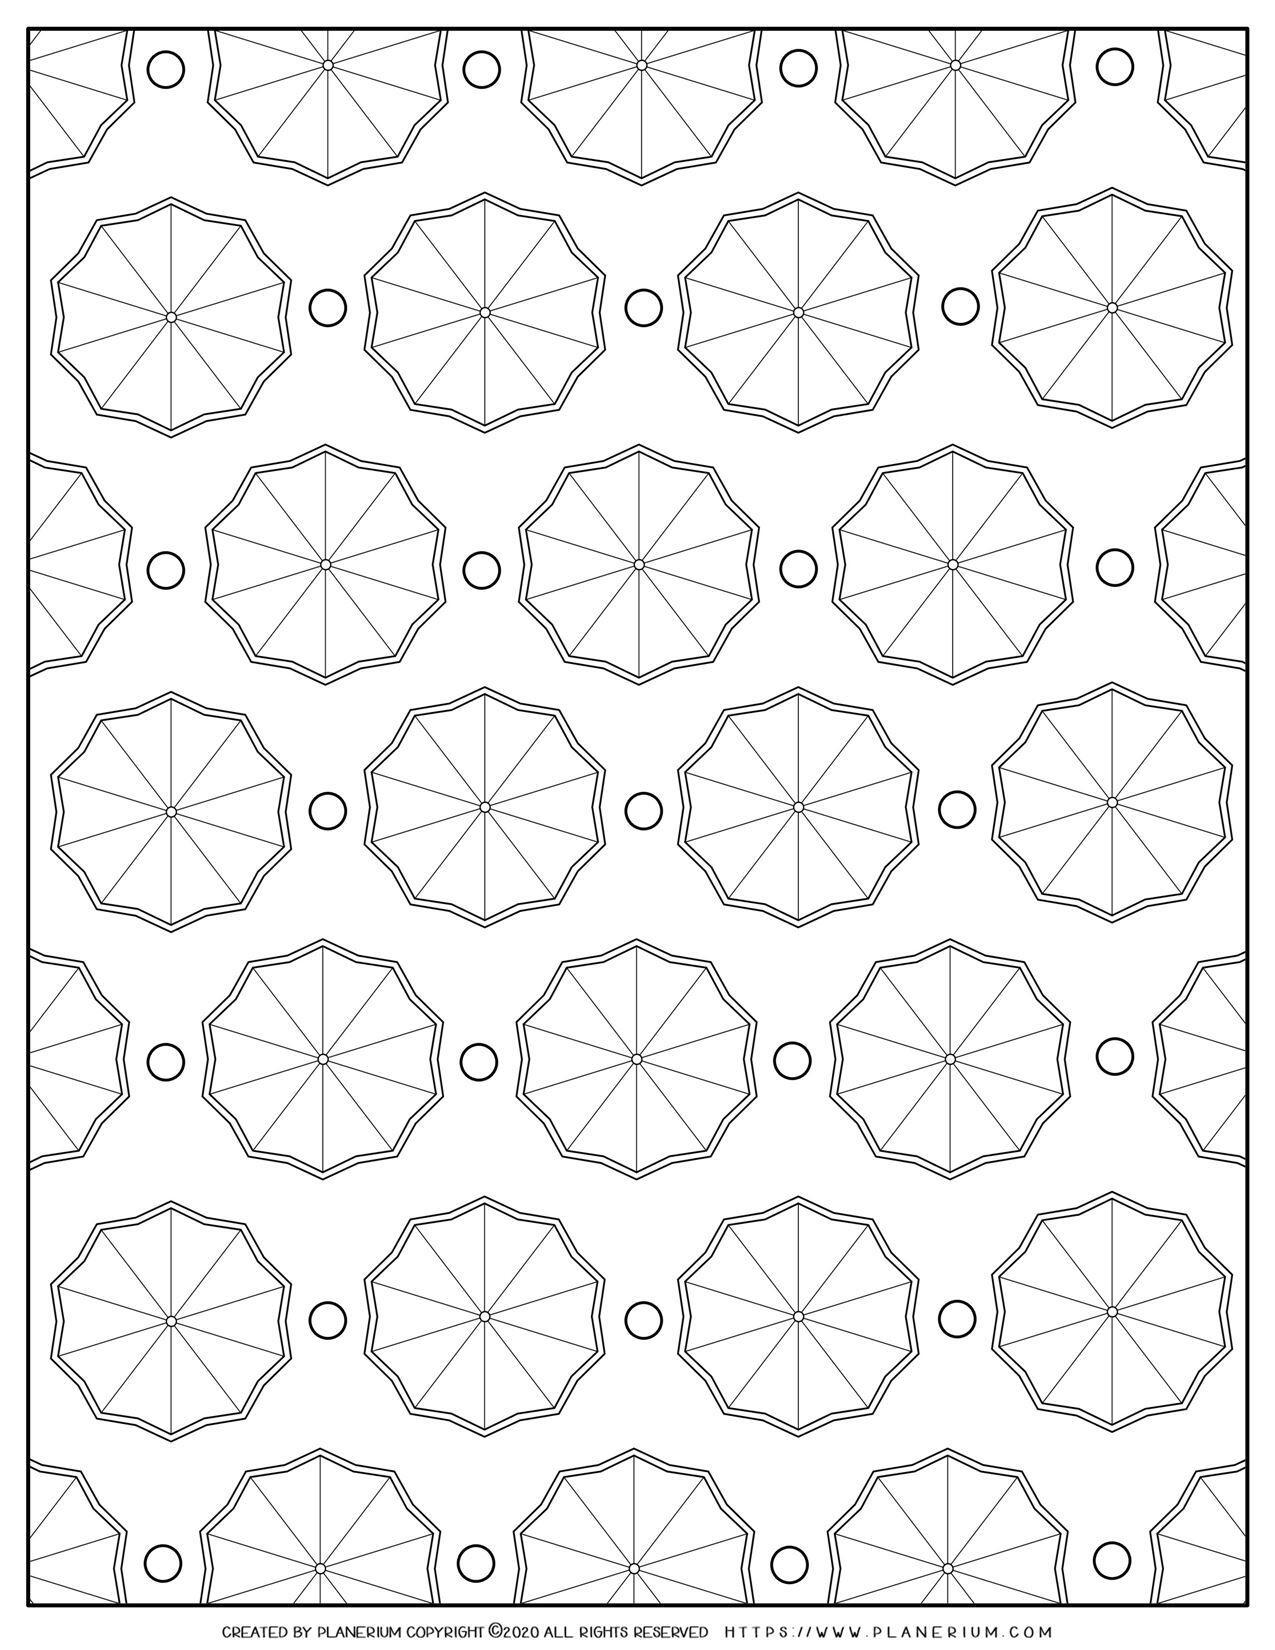 Umbrella Pattern | Planerium